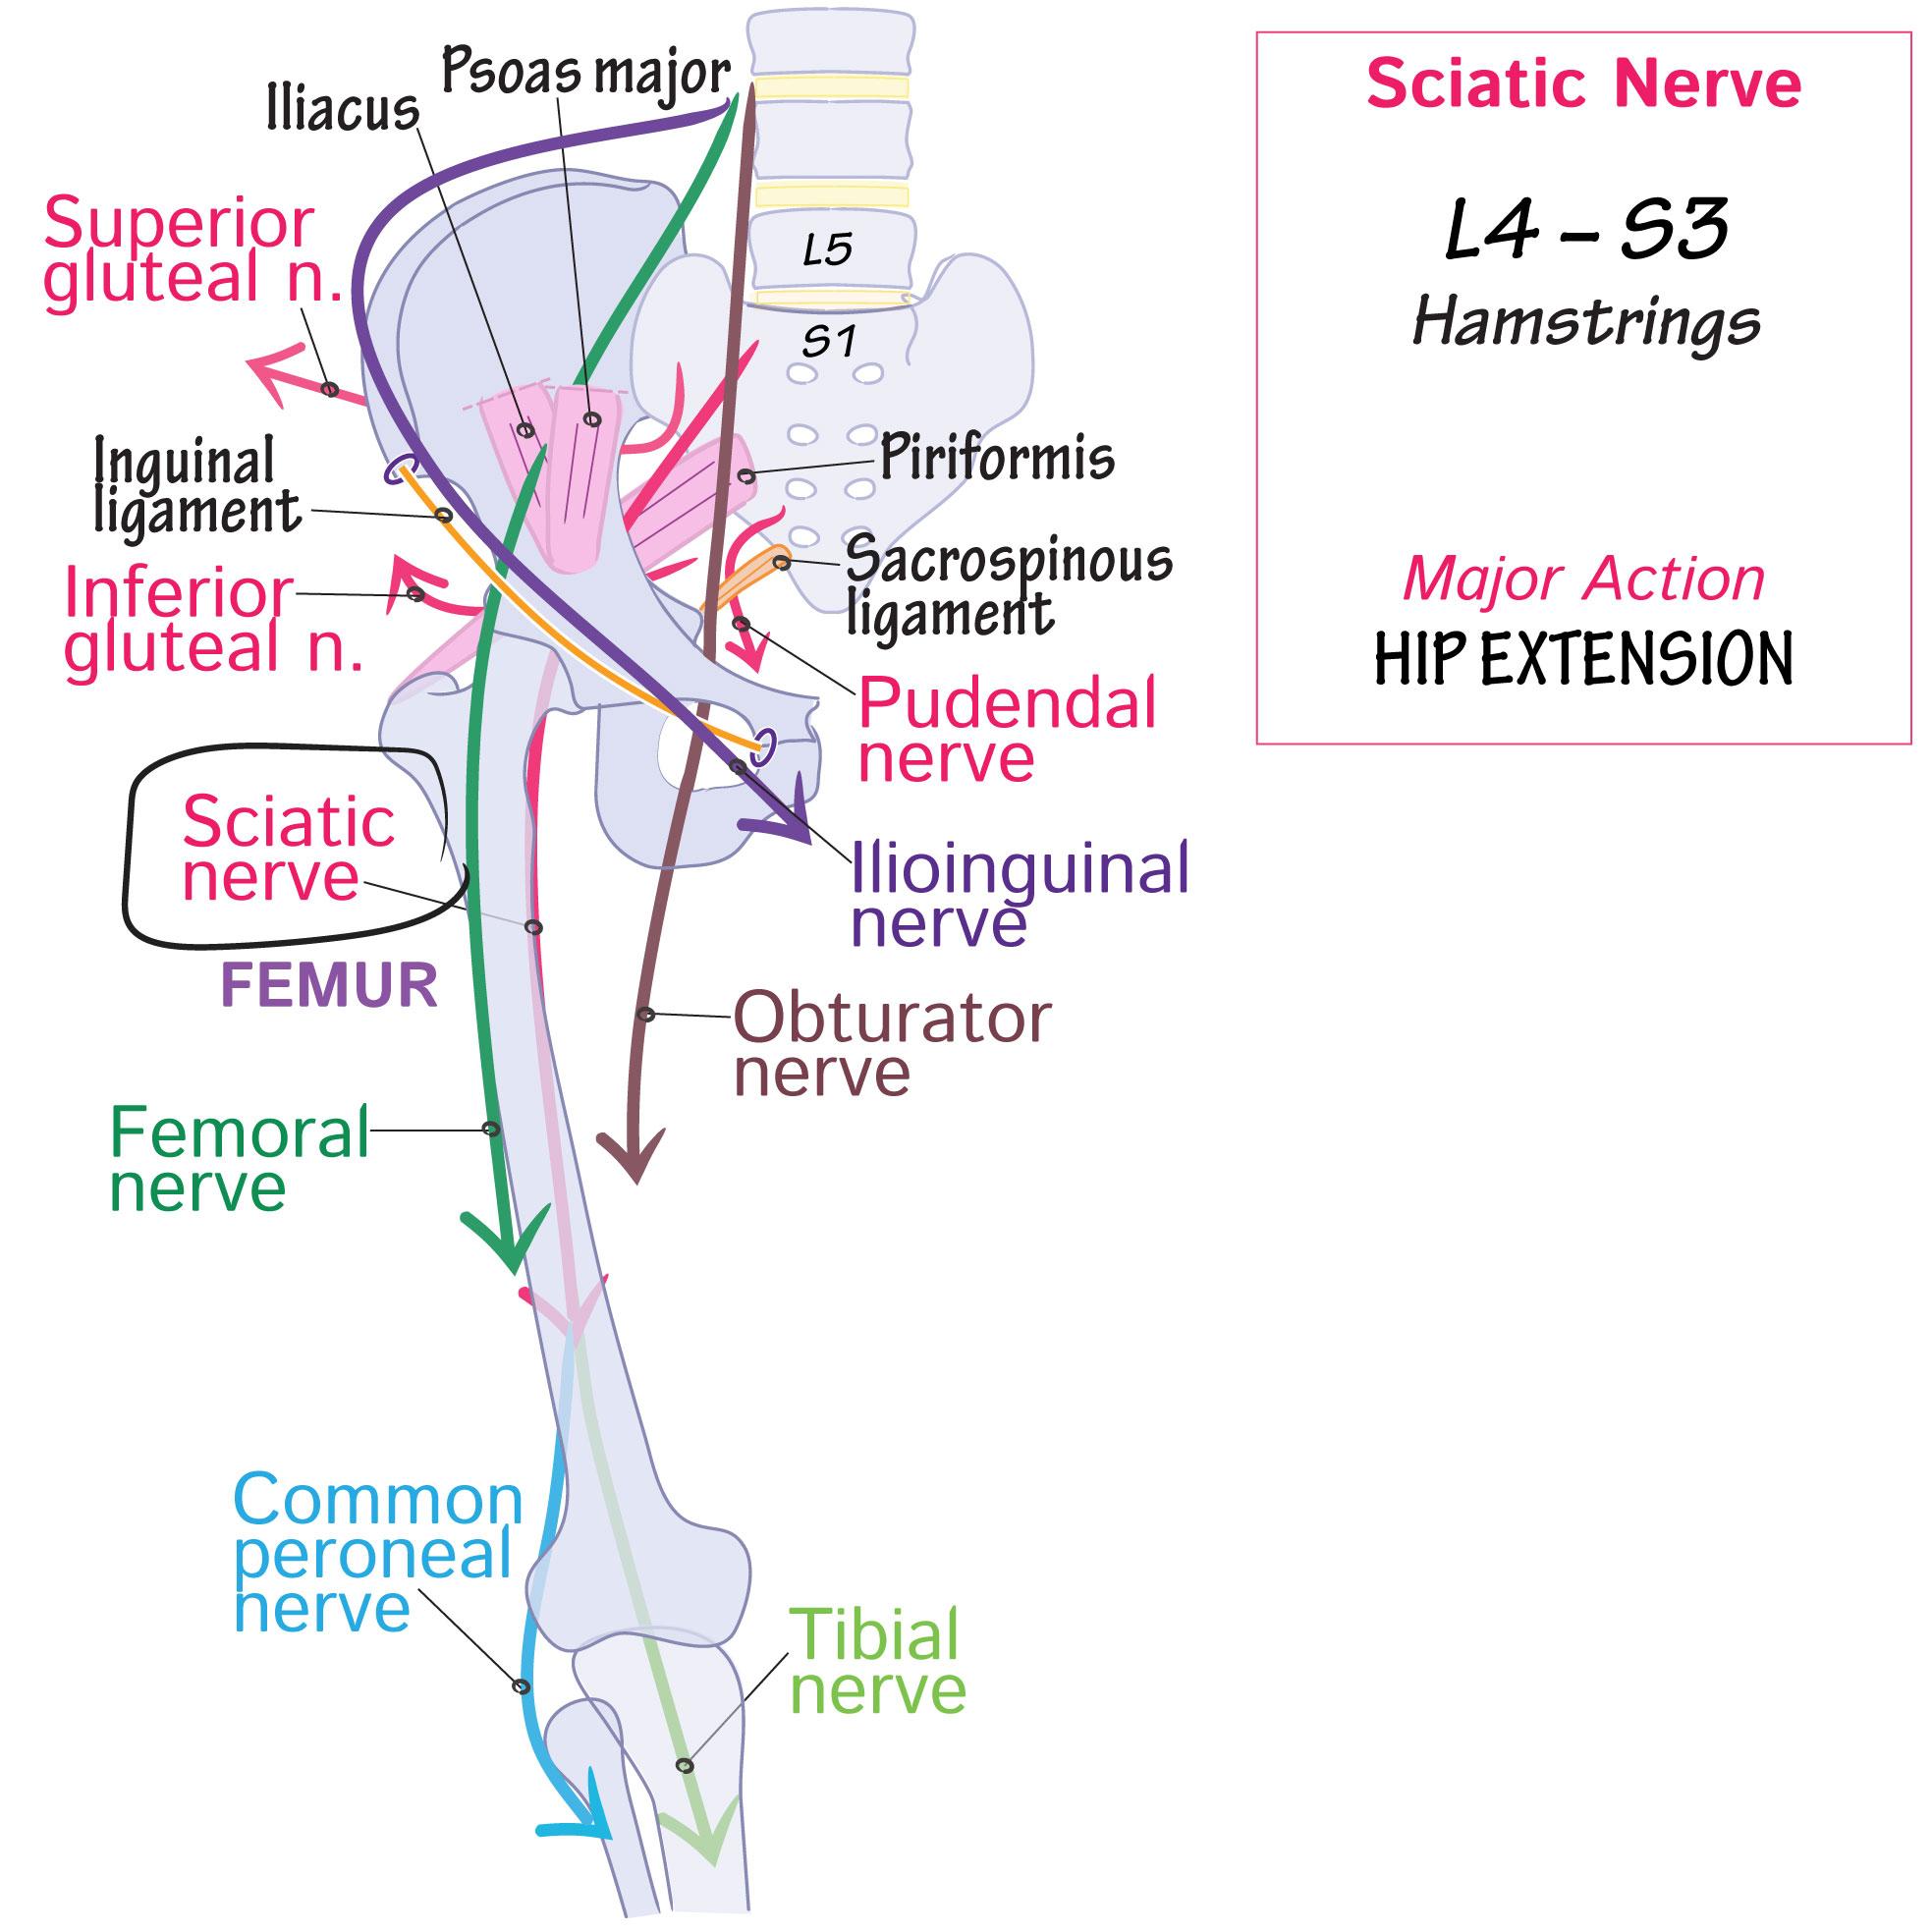 Gross Anatomy Glossary: Sciatic Nerve - Tibial | Draw It to Know It